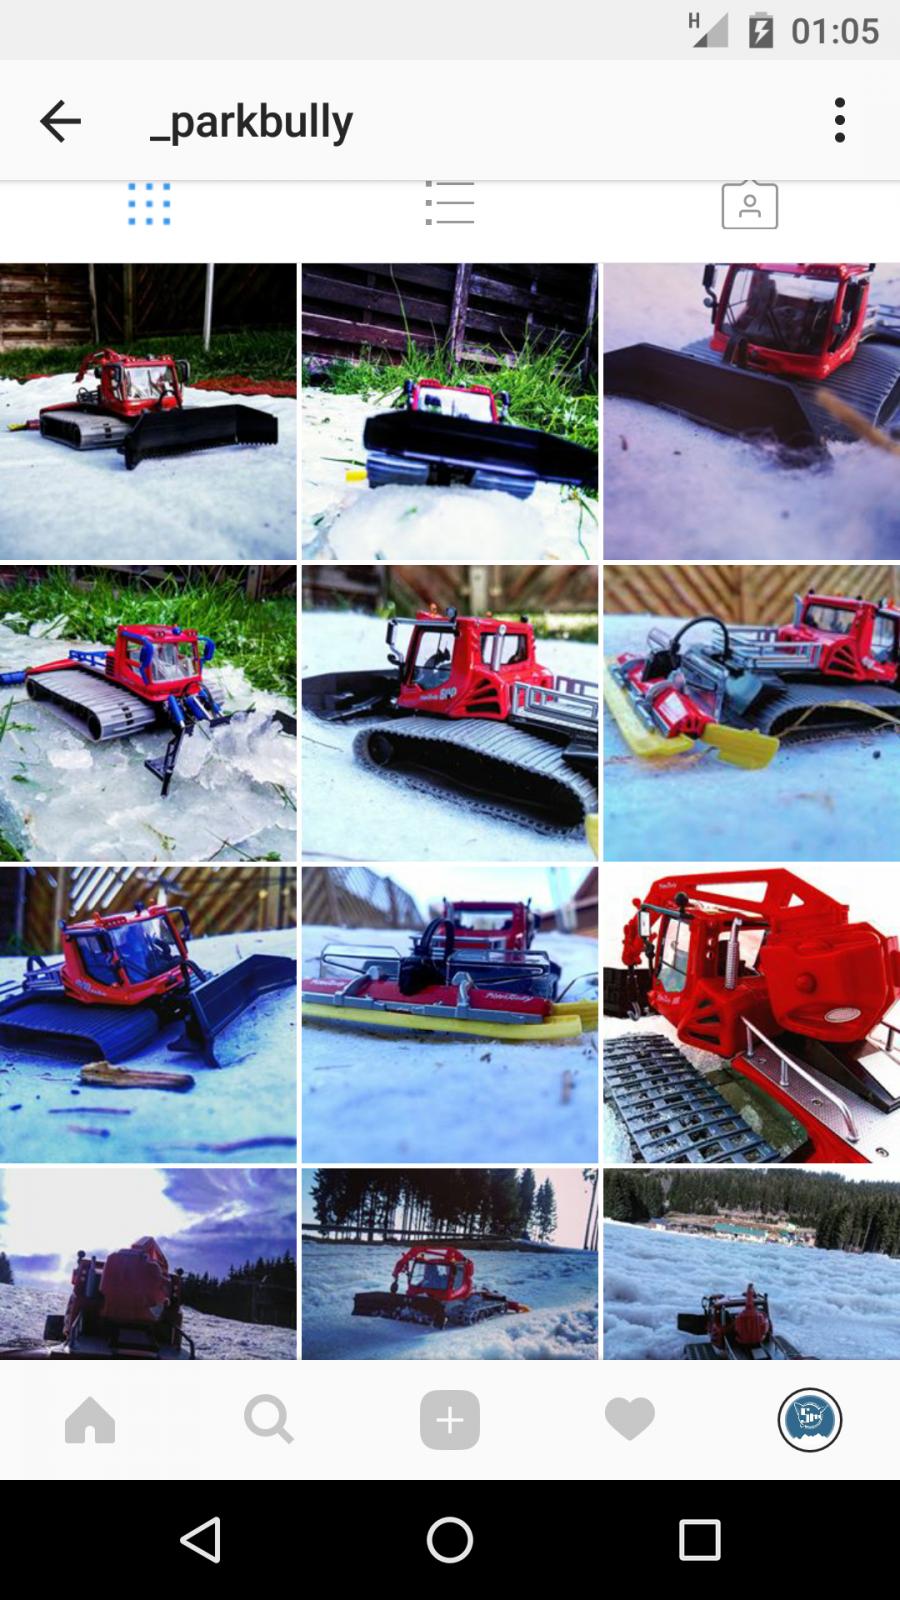 Segui @_parkbully su Instagram -> solo modellini del gatto delle nevi PistenBully